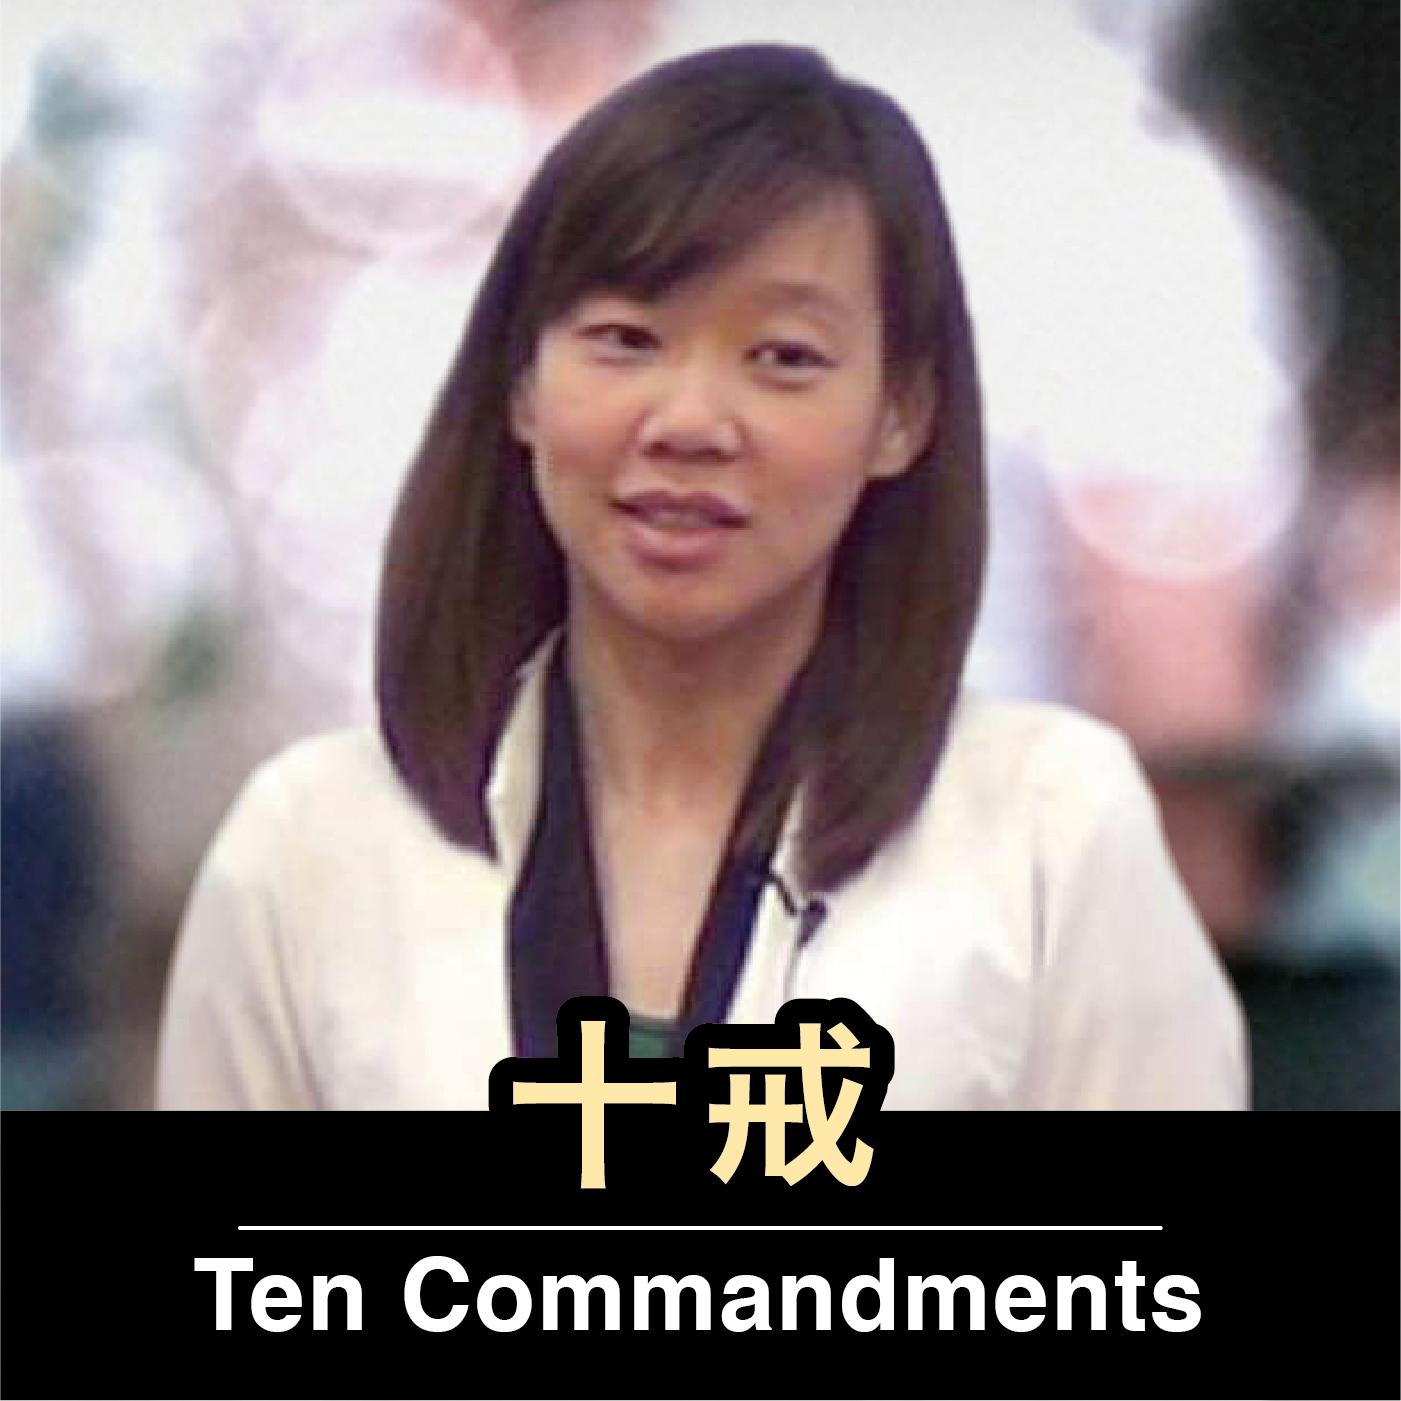 十诫命十二讲(林慧君传道)[新加坡基督生命堂] 福音班讲道